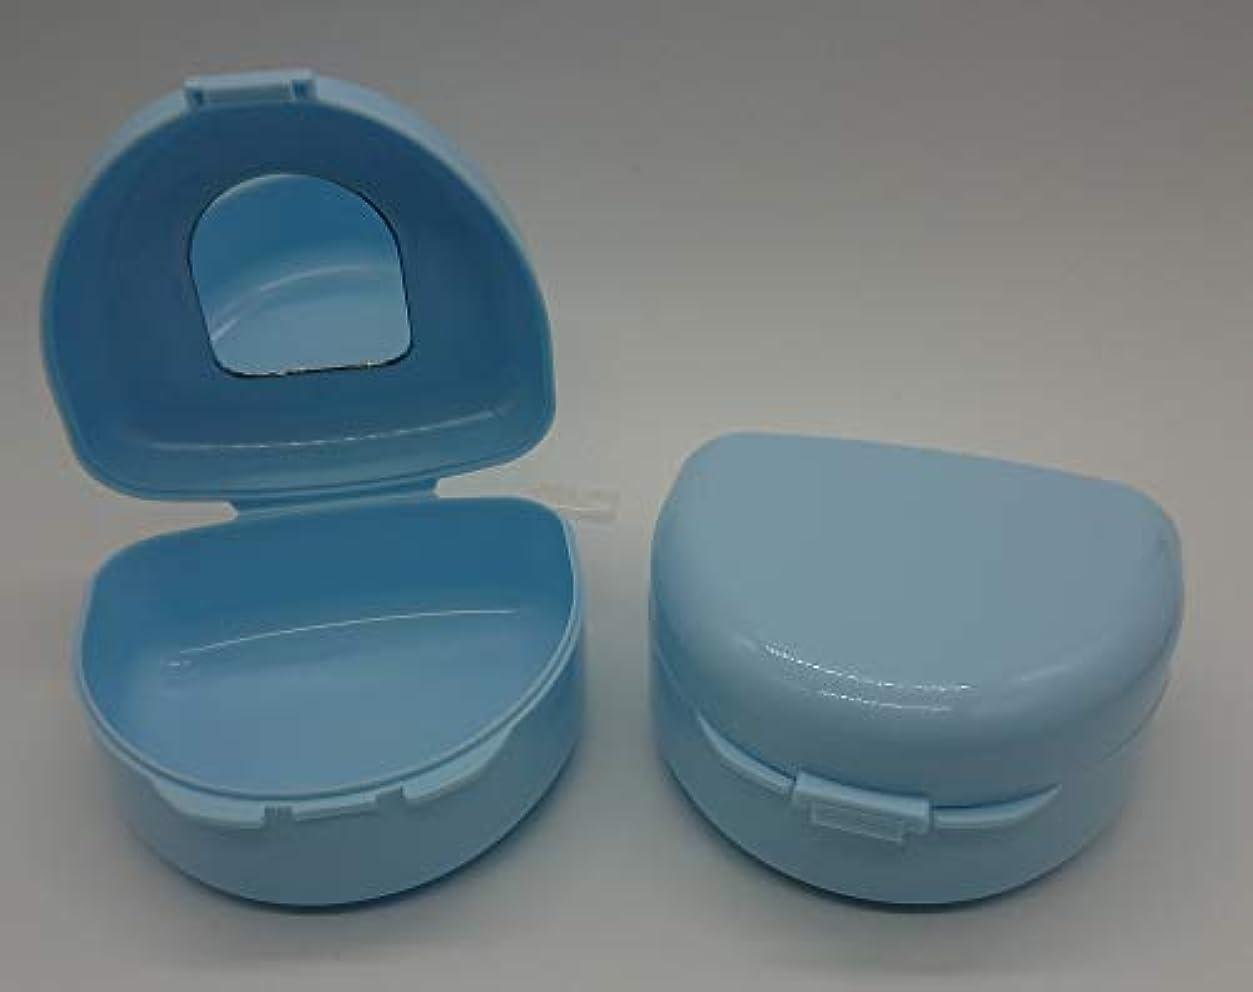 行う標準つば鏡付き入れ歯マウスピースケース(容器) 水色